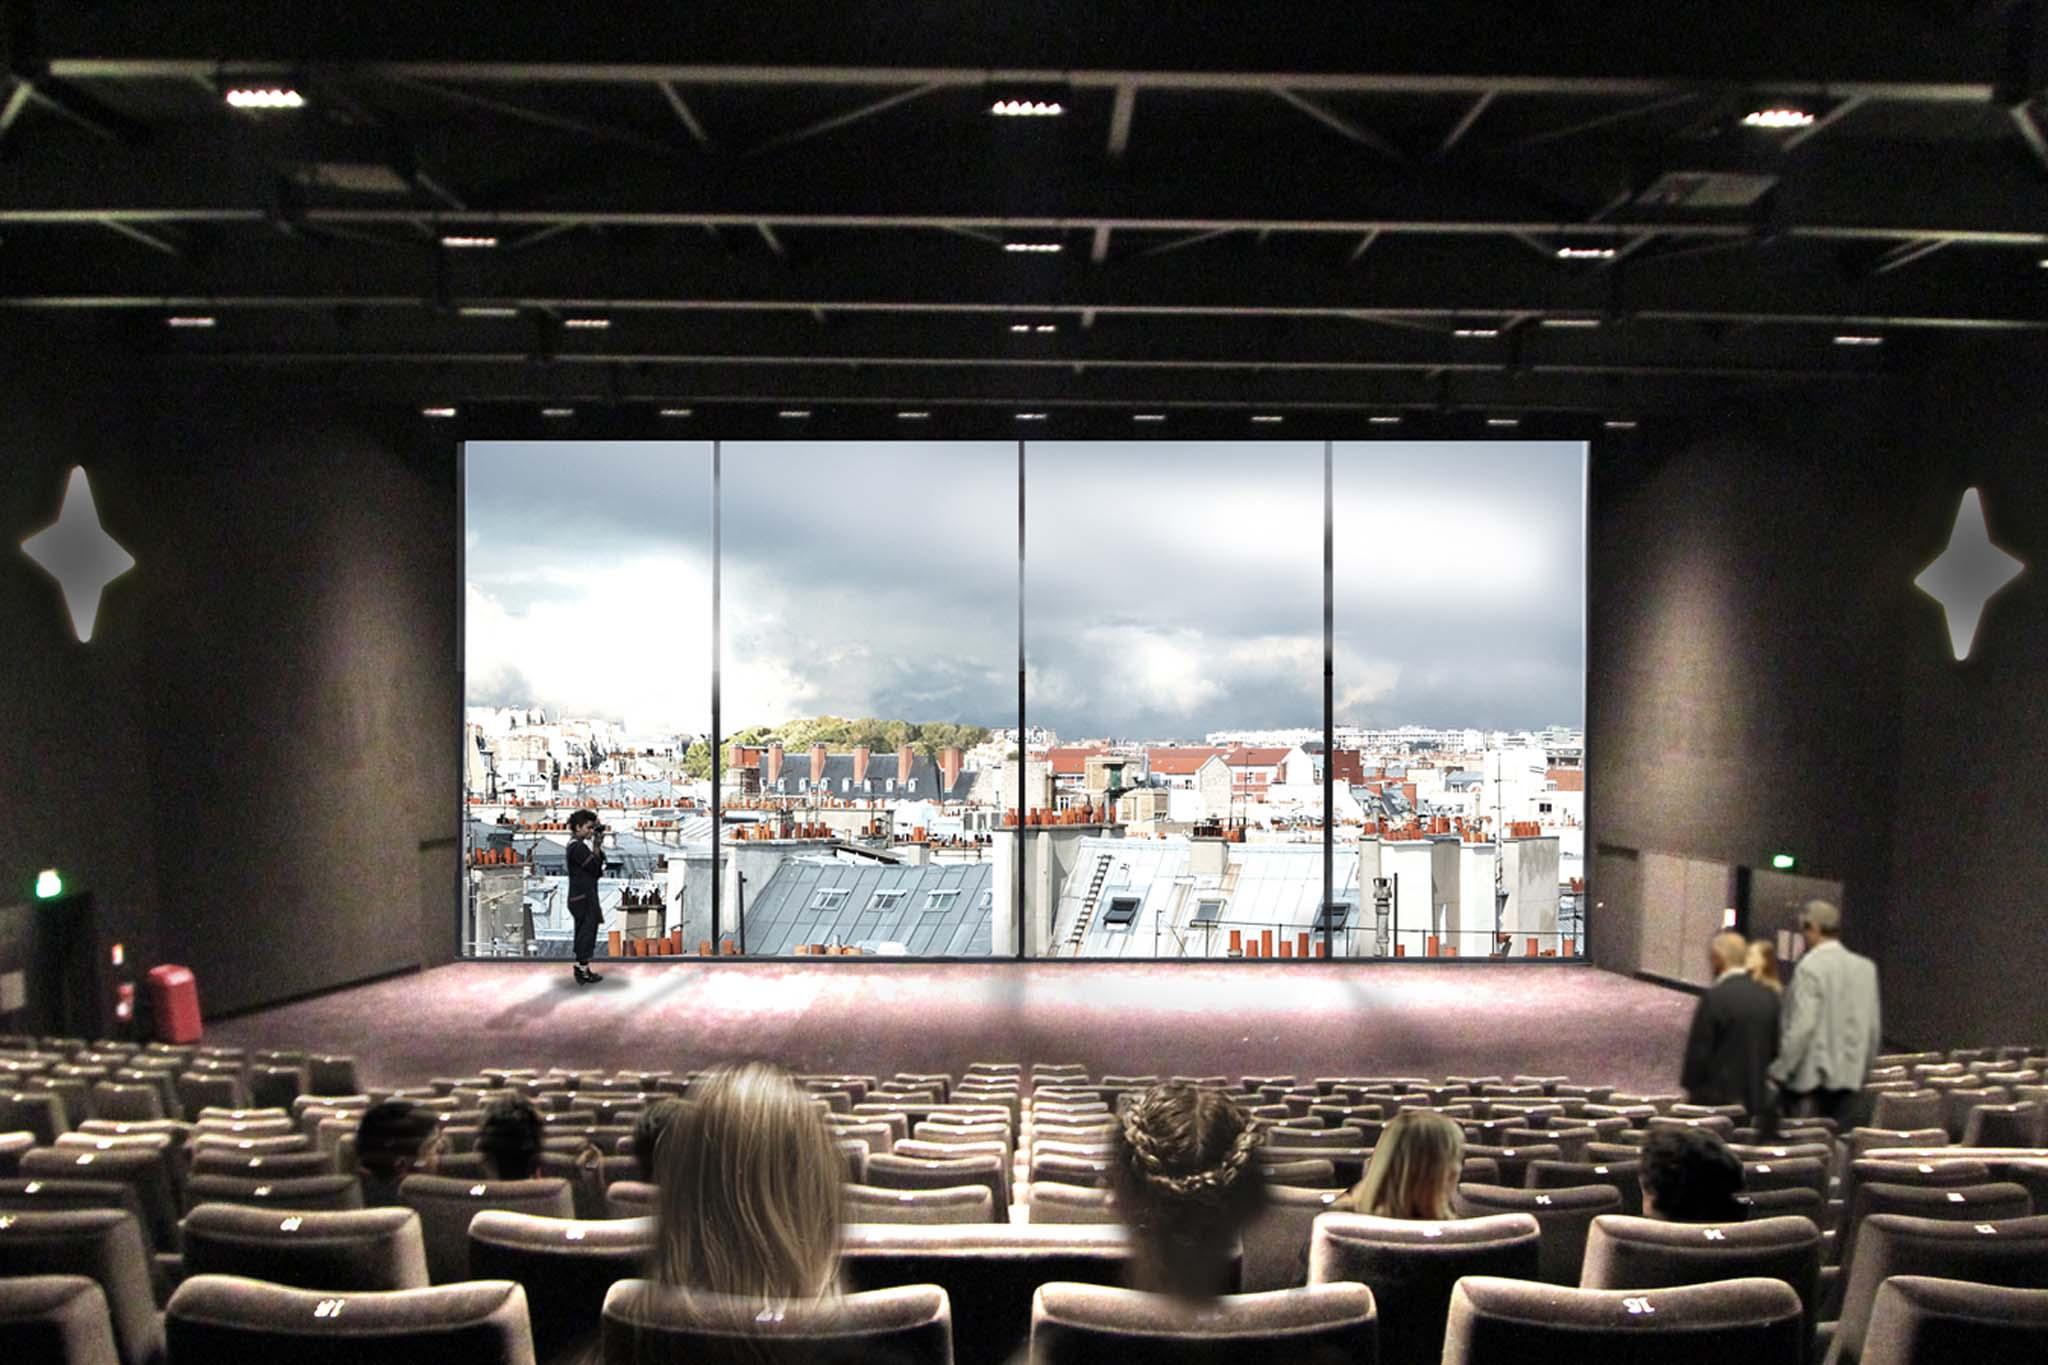 reinventer-paris-cinema-etoile-voltaire-olivier